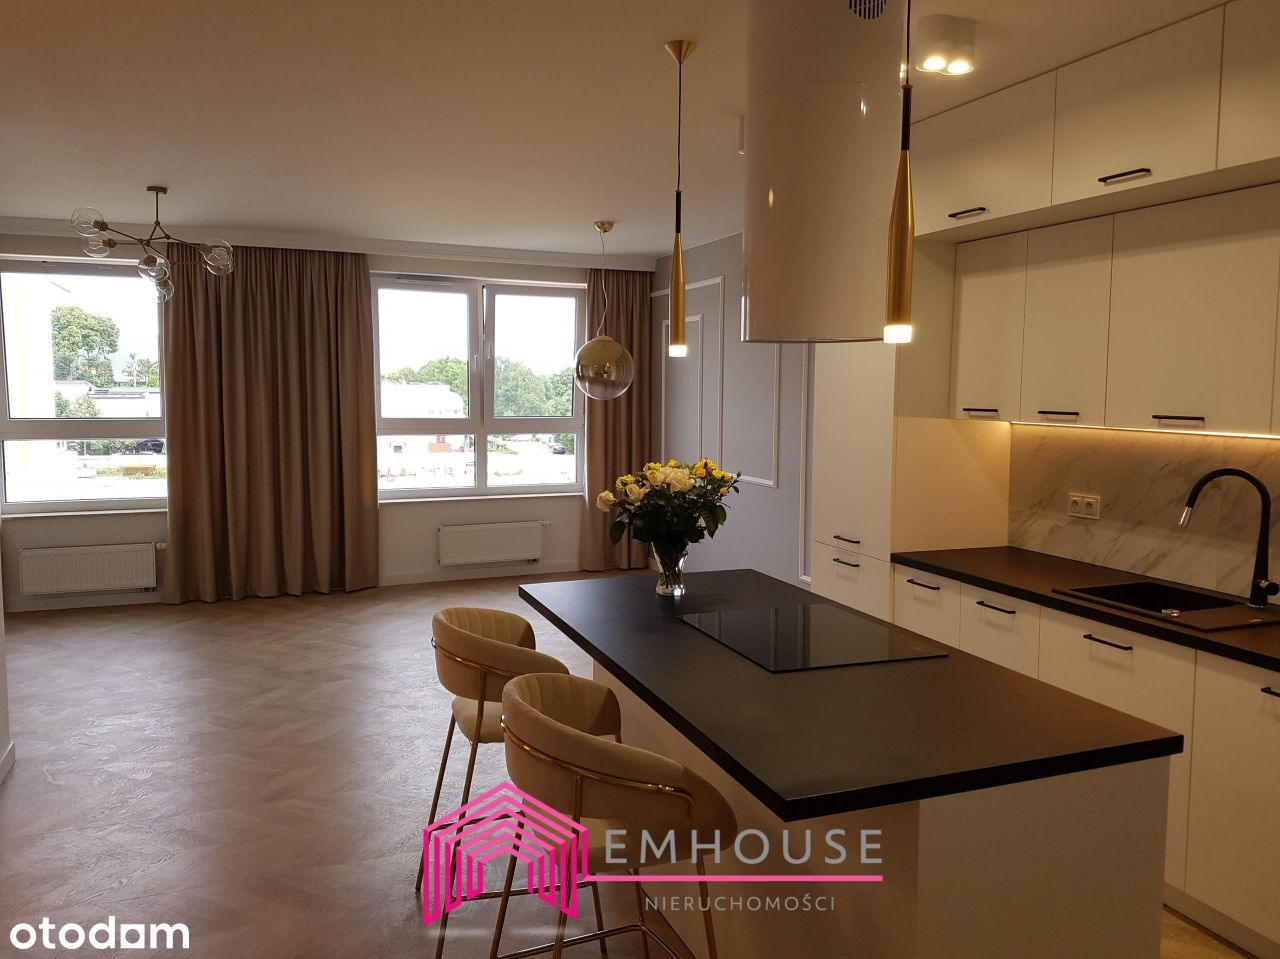 Nowy, dwupoziomowy apartament 4-pokojowy